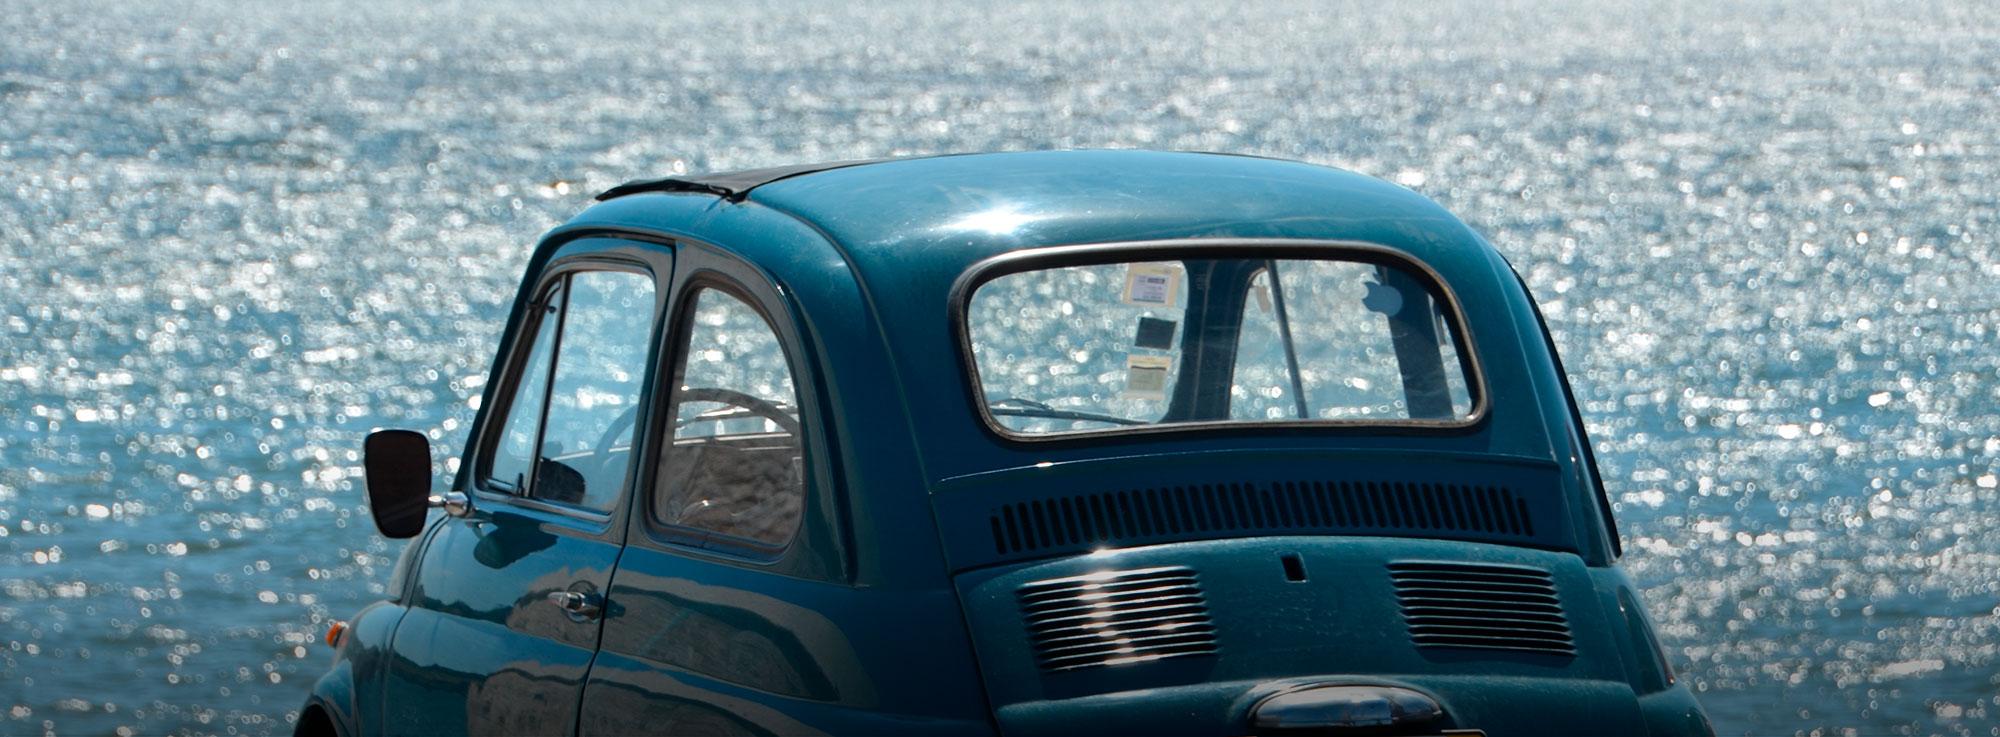 Bitetto: 7° Raduno Nazionale delle Fiat 500 Città di Bitetto